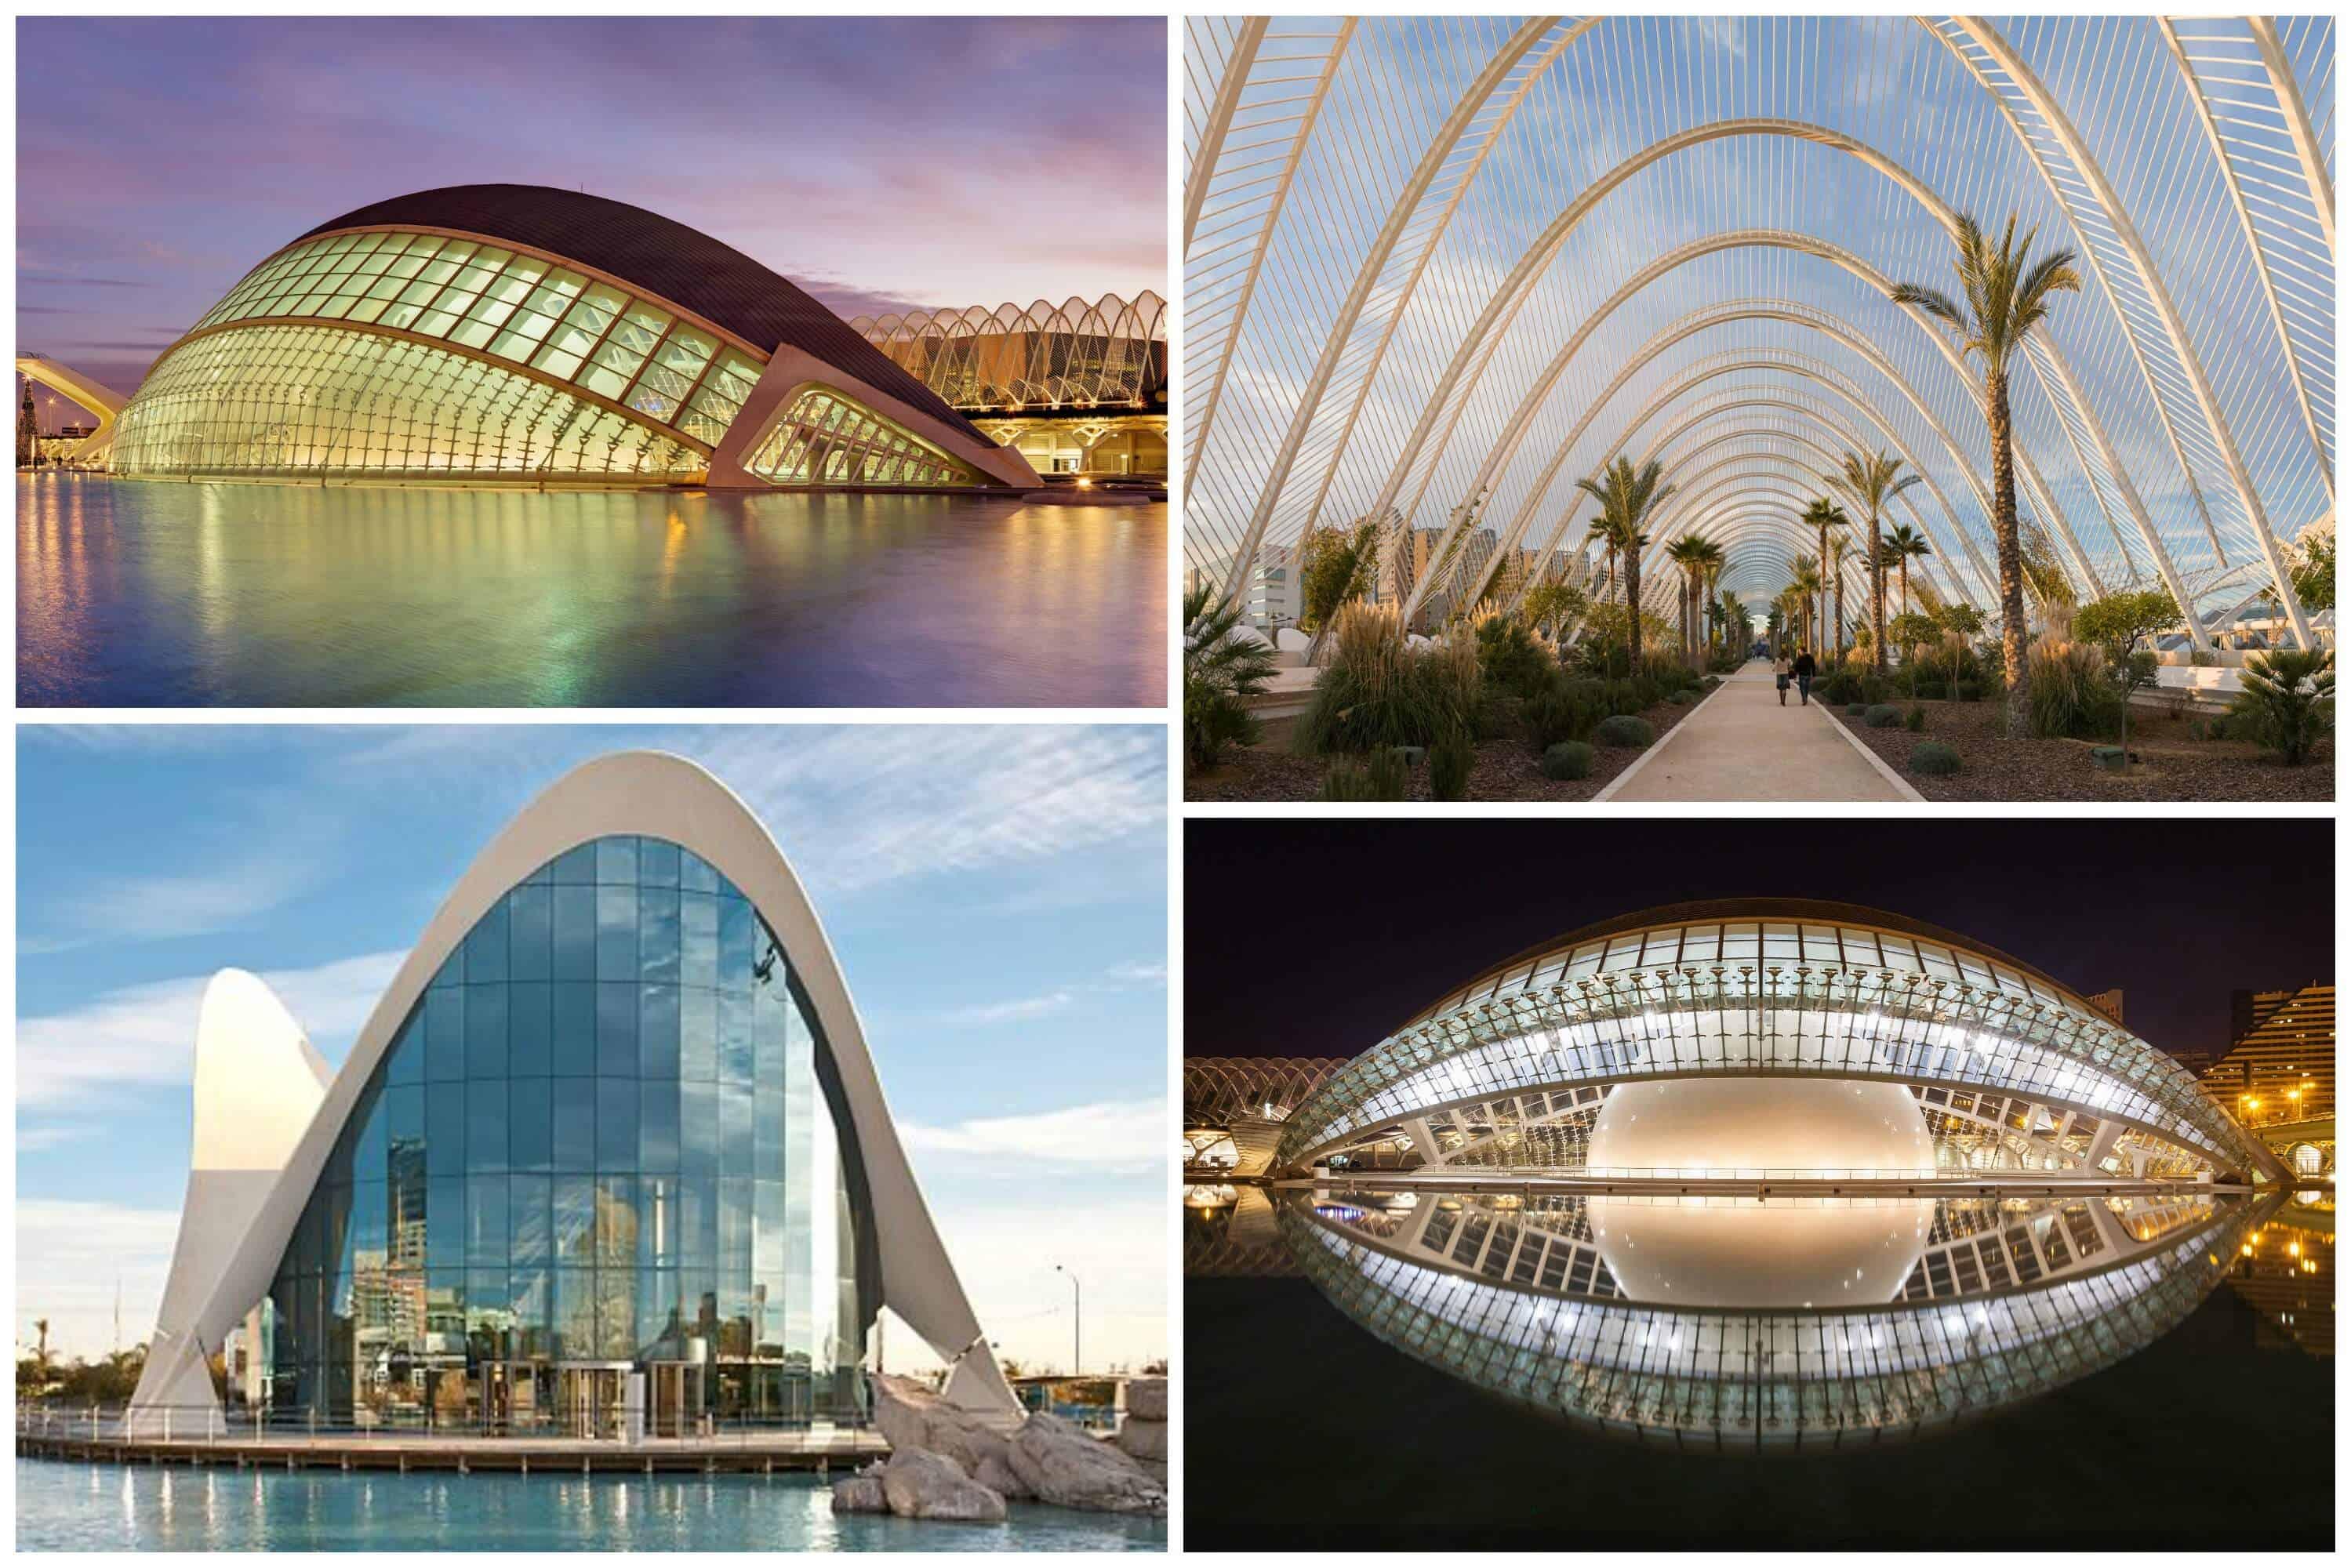 Valencia Collage 1